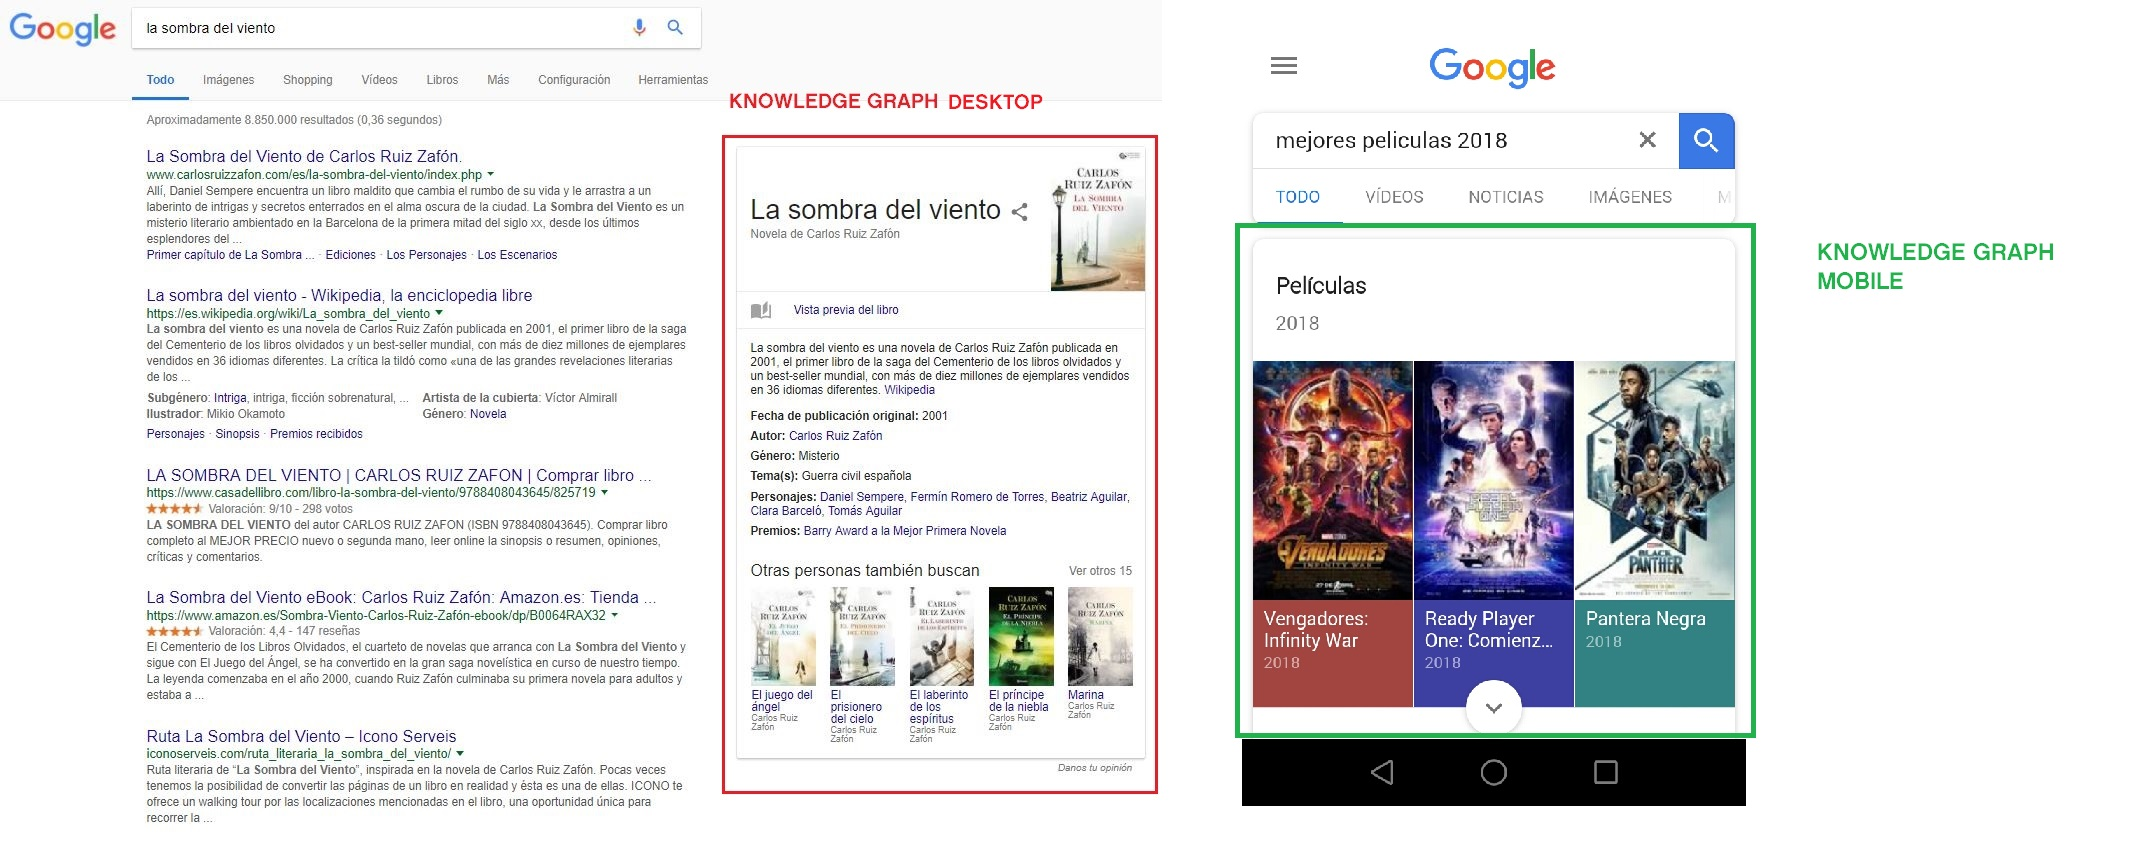 Knowledge Graph en versiones Desktop y Mobile